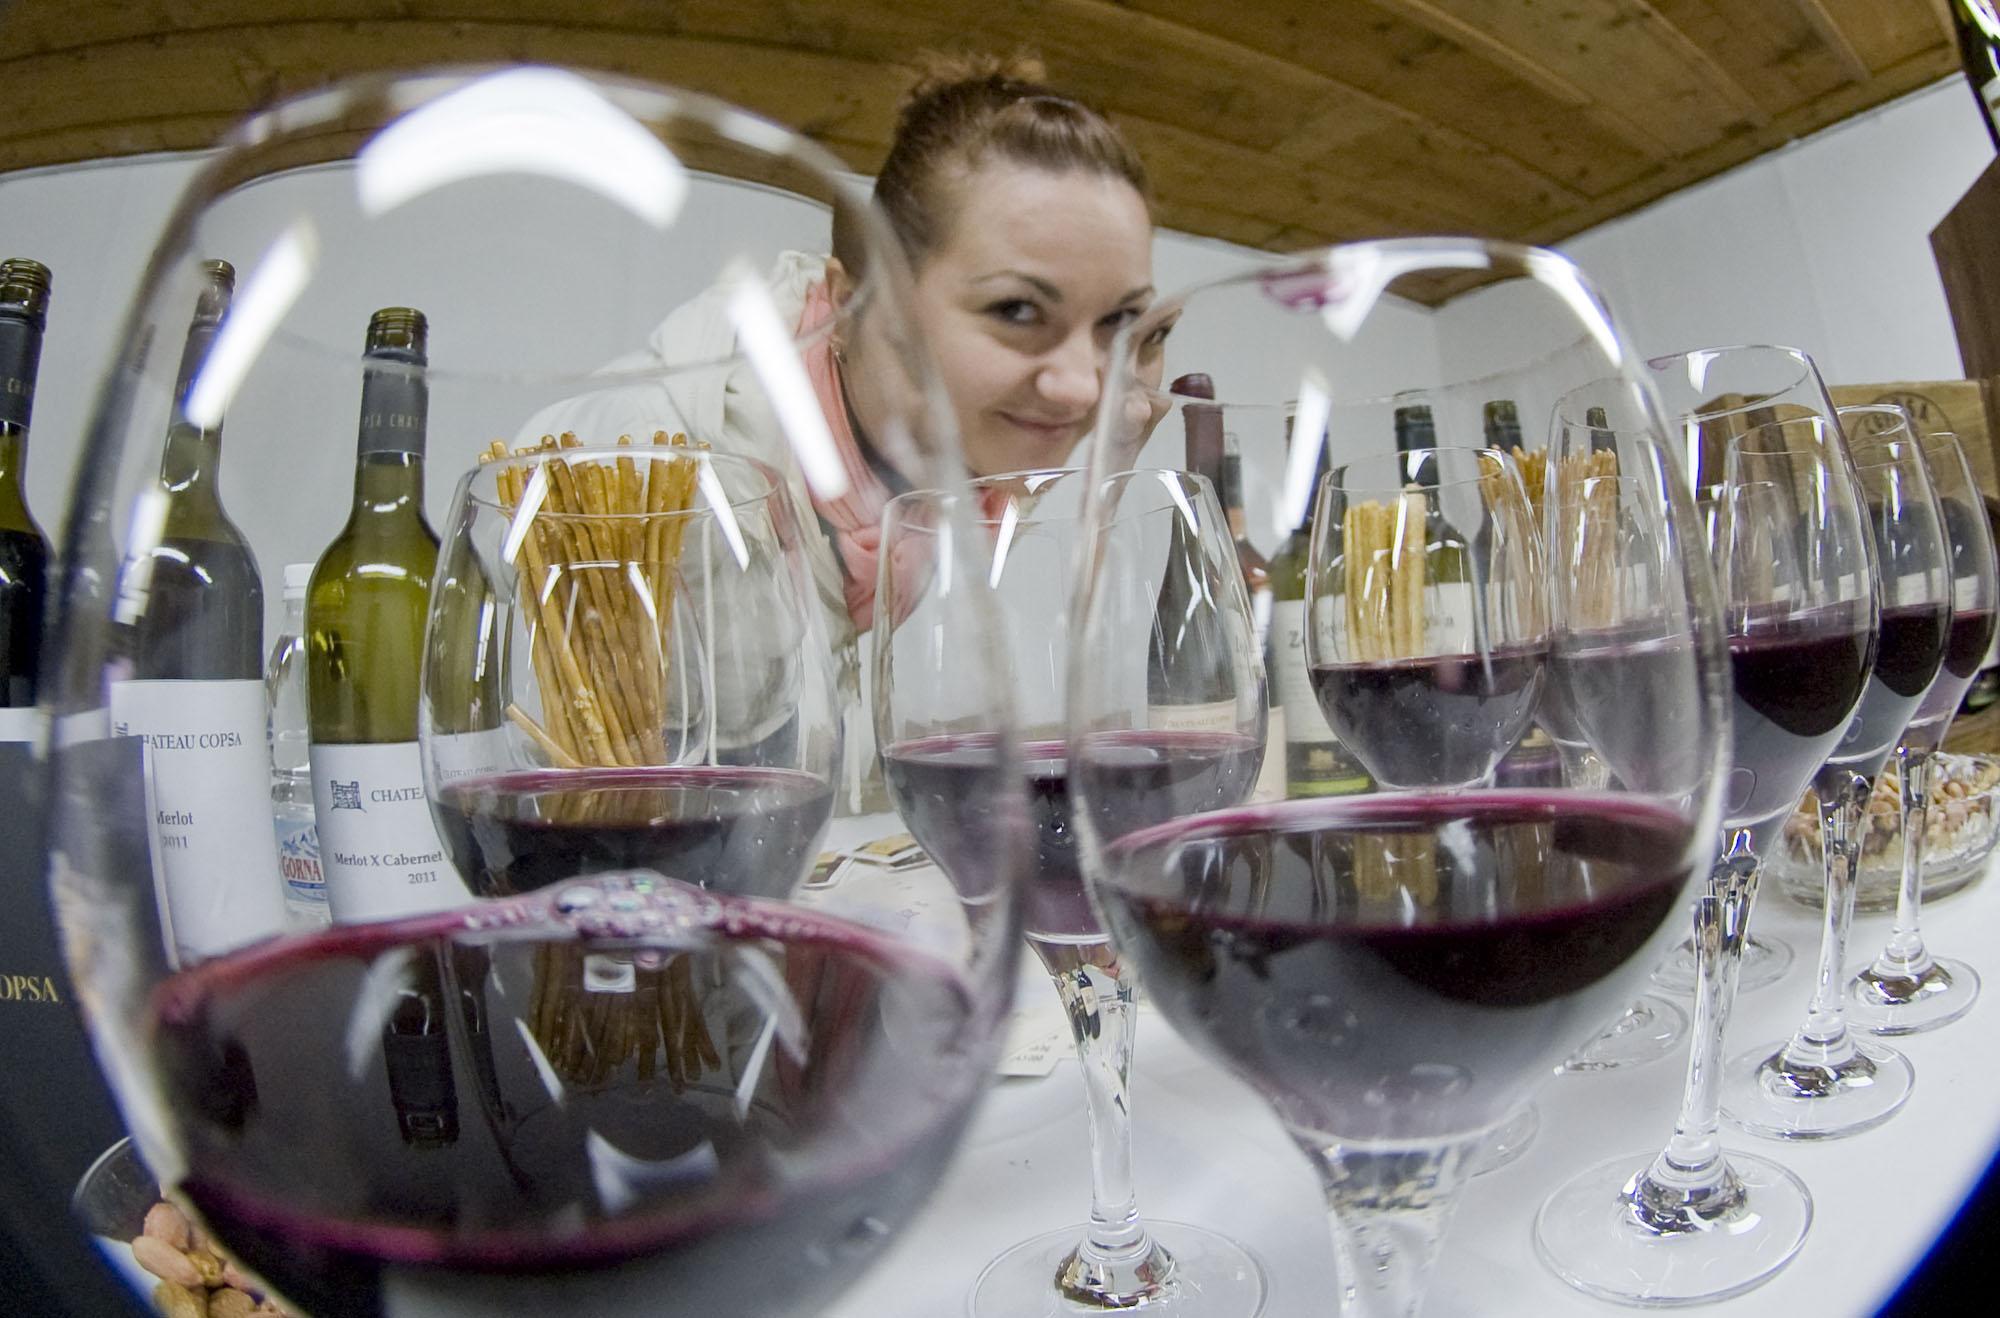 Забраниха със закон спирта във виното